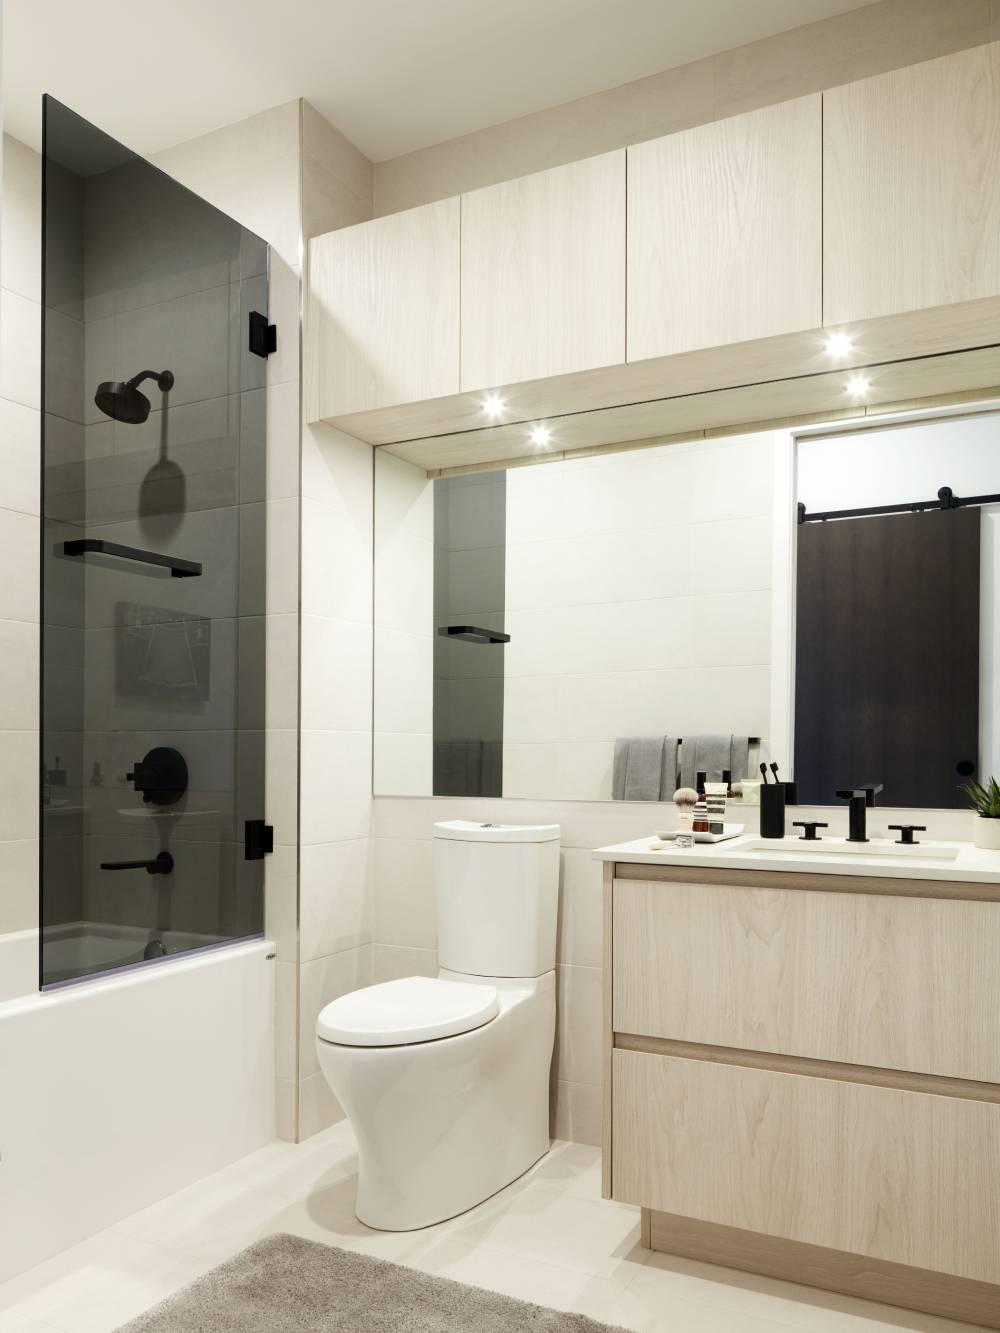 Bathroom/Aragon Light House